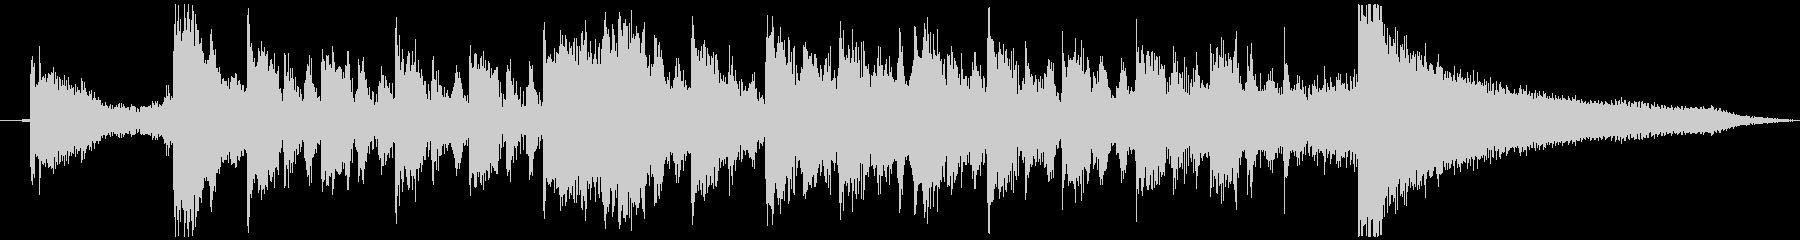 琴 ジングル アタック 和 インバウンドの未再生の波形